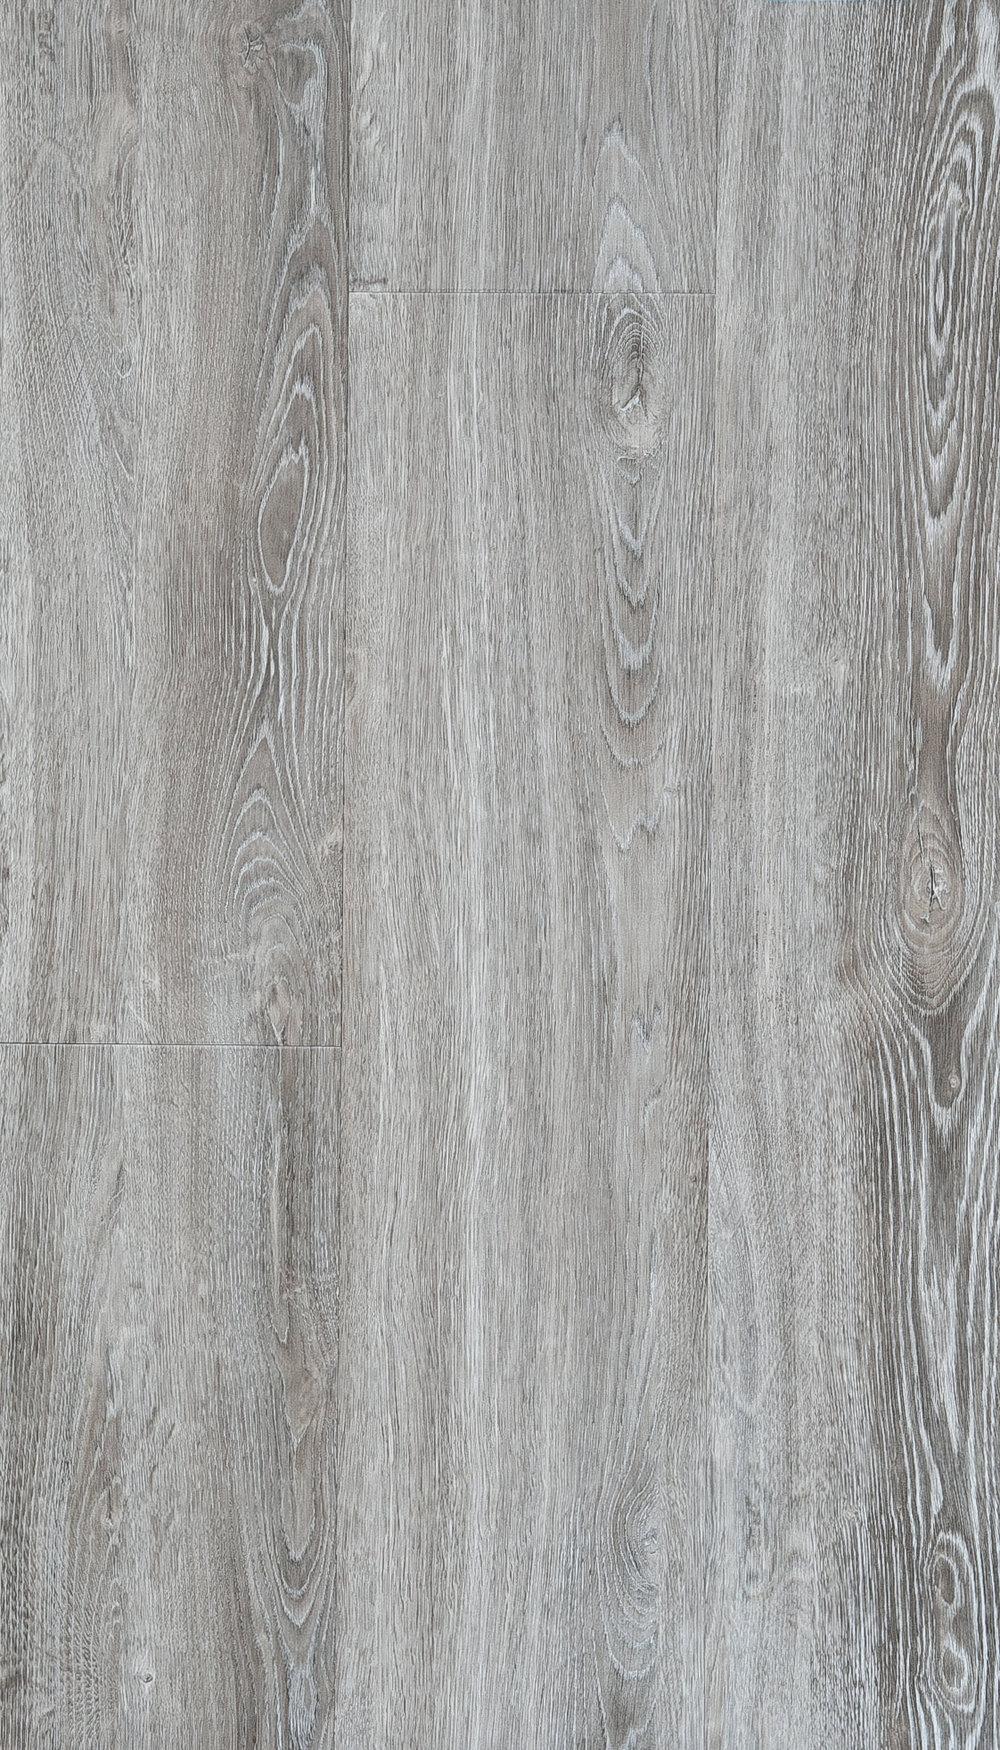 W5312 - Beachcomber Oak